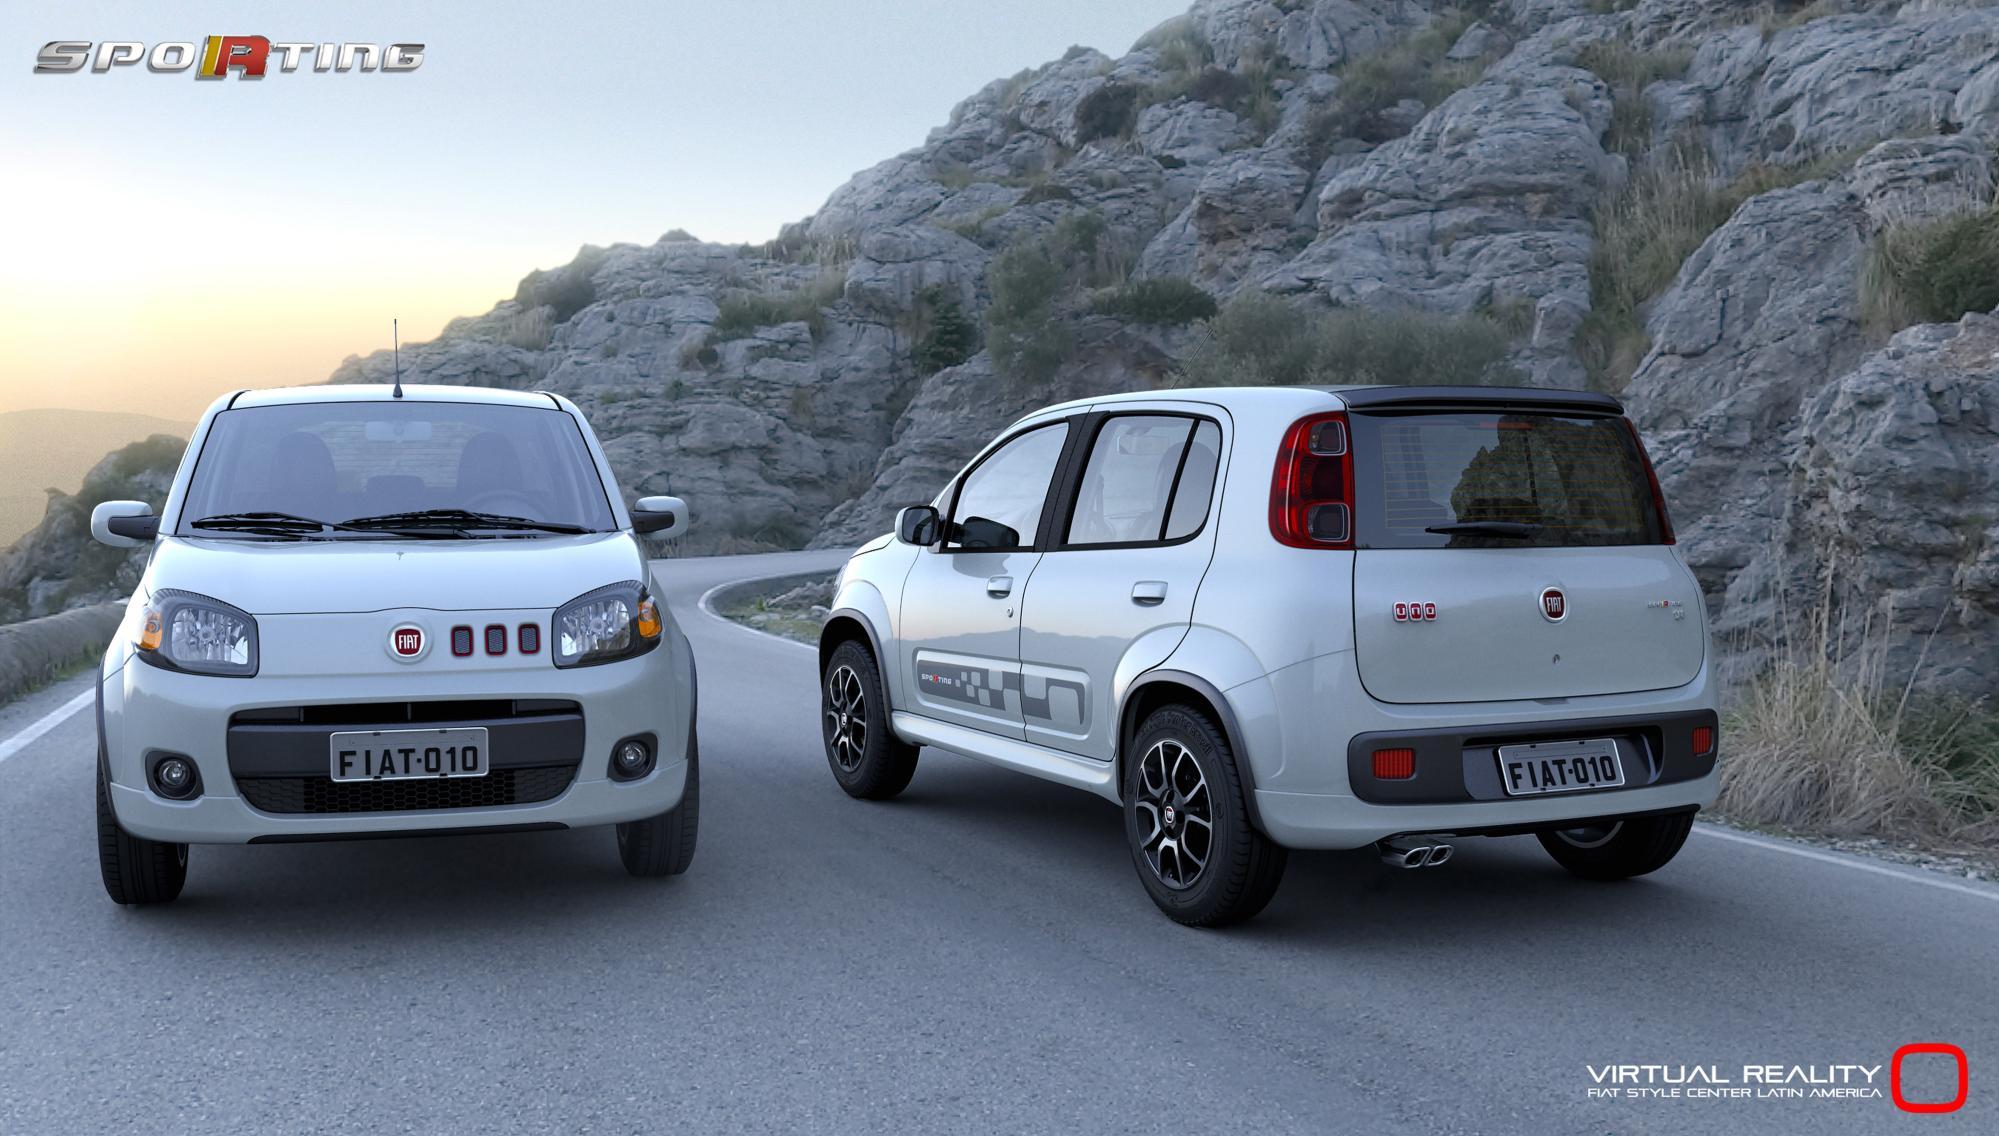 Fiat Uno Tem Vers U00f5es Sporting  Ecology E Cabriolet No Sal U00e3o  U2013 All The Cars